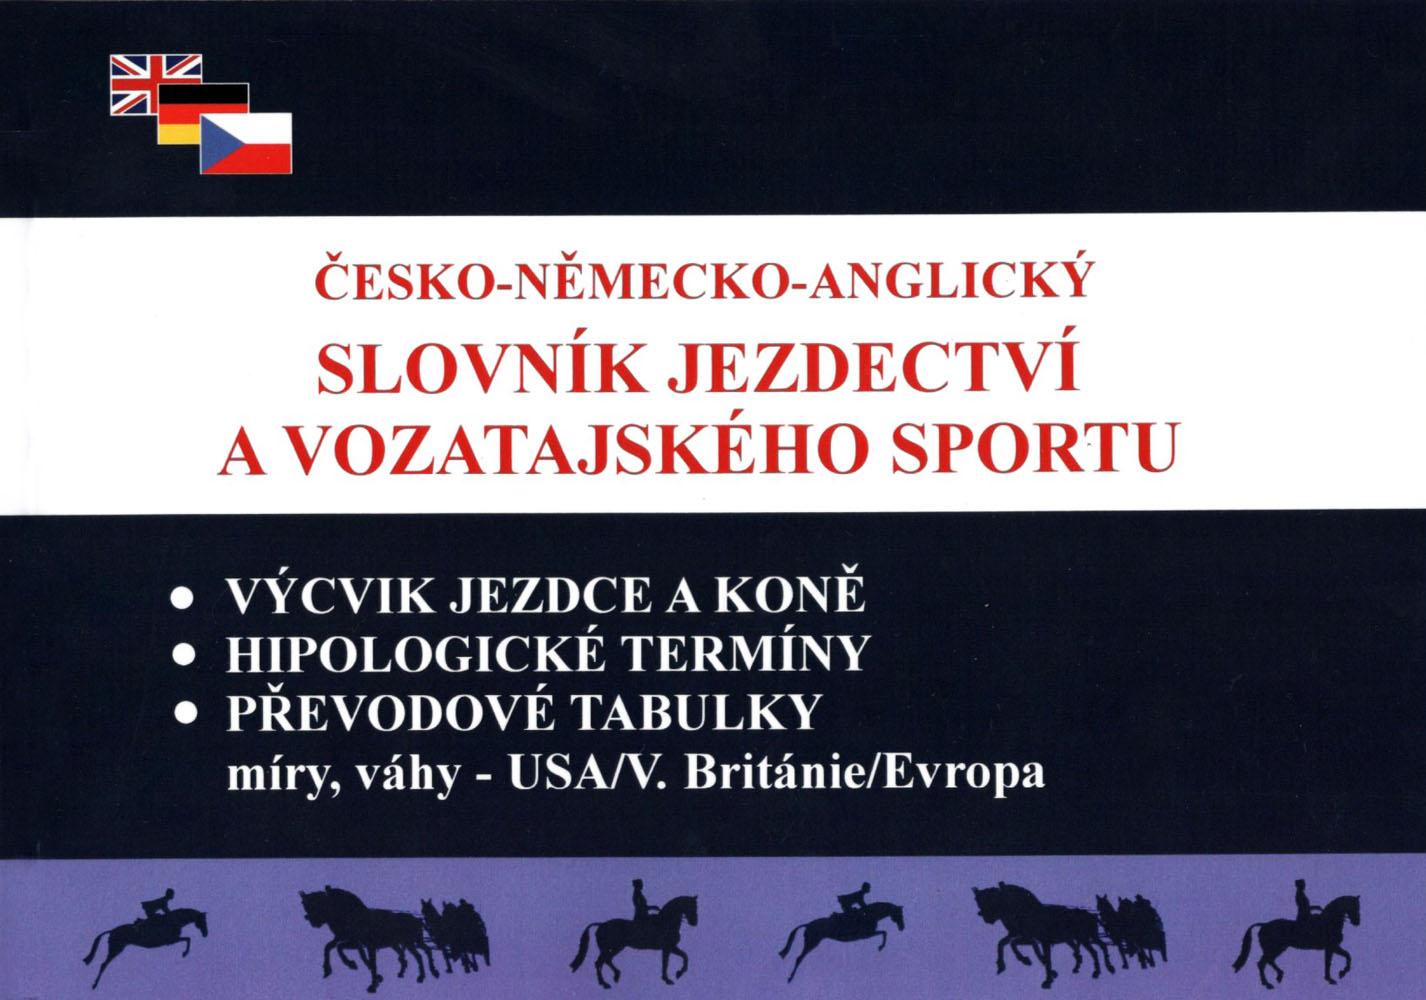 RECENZE: Česko-německo-anglický slovník jezdectví a vozatajského sportu